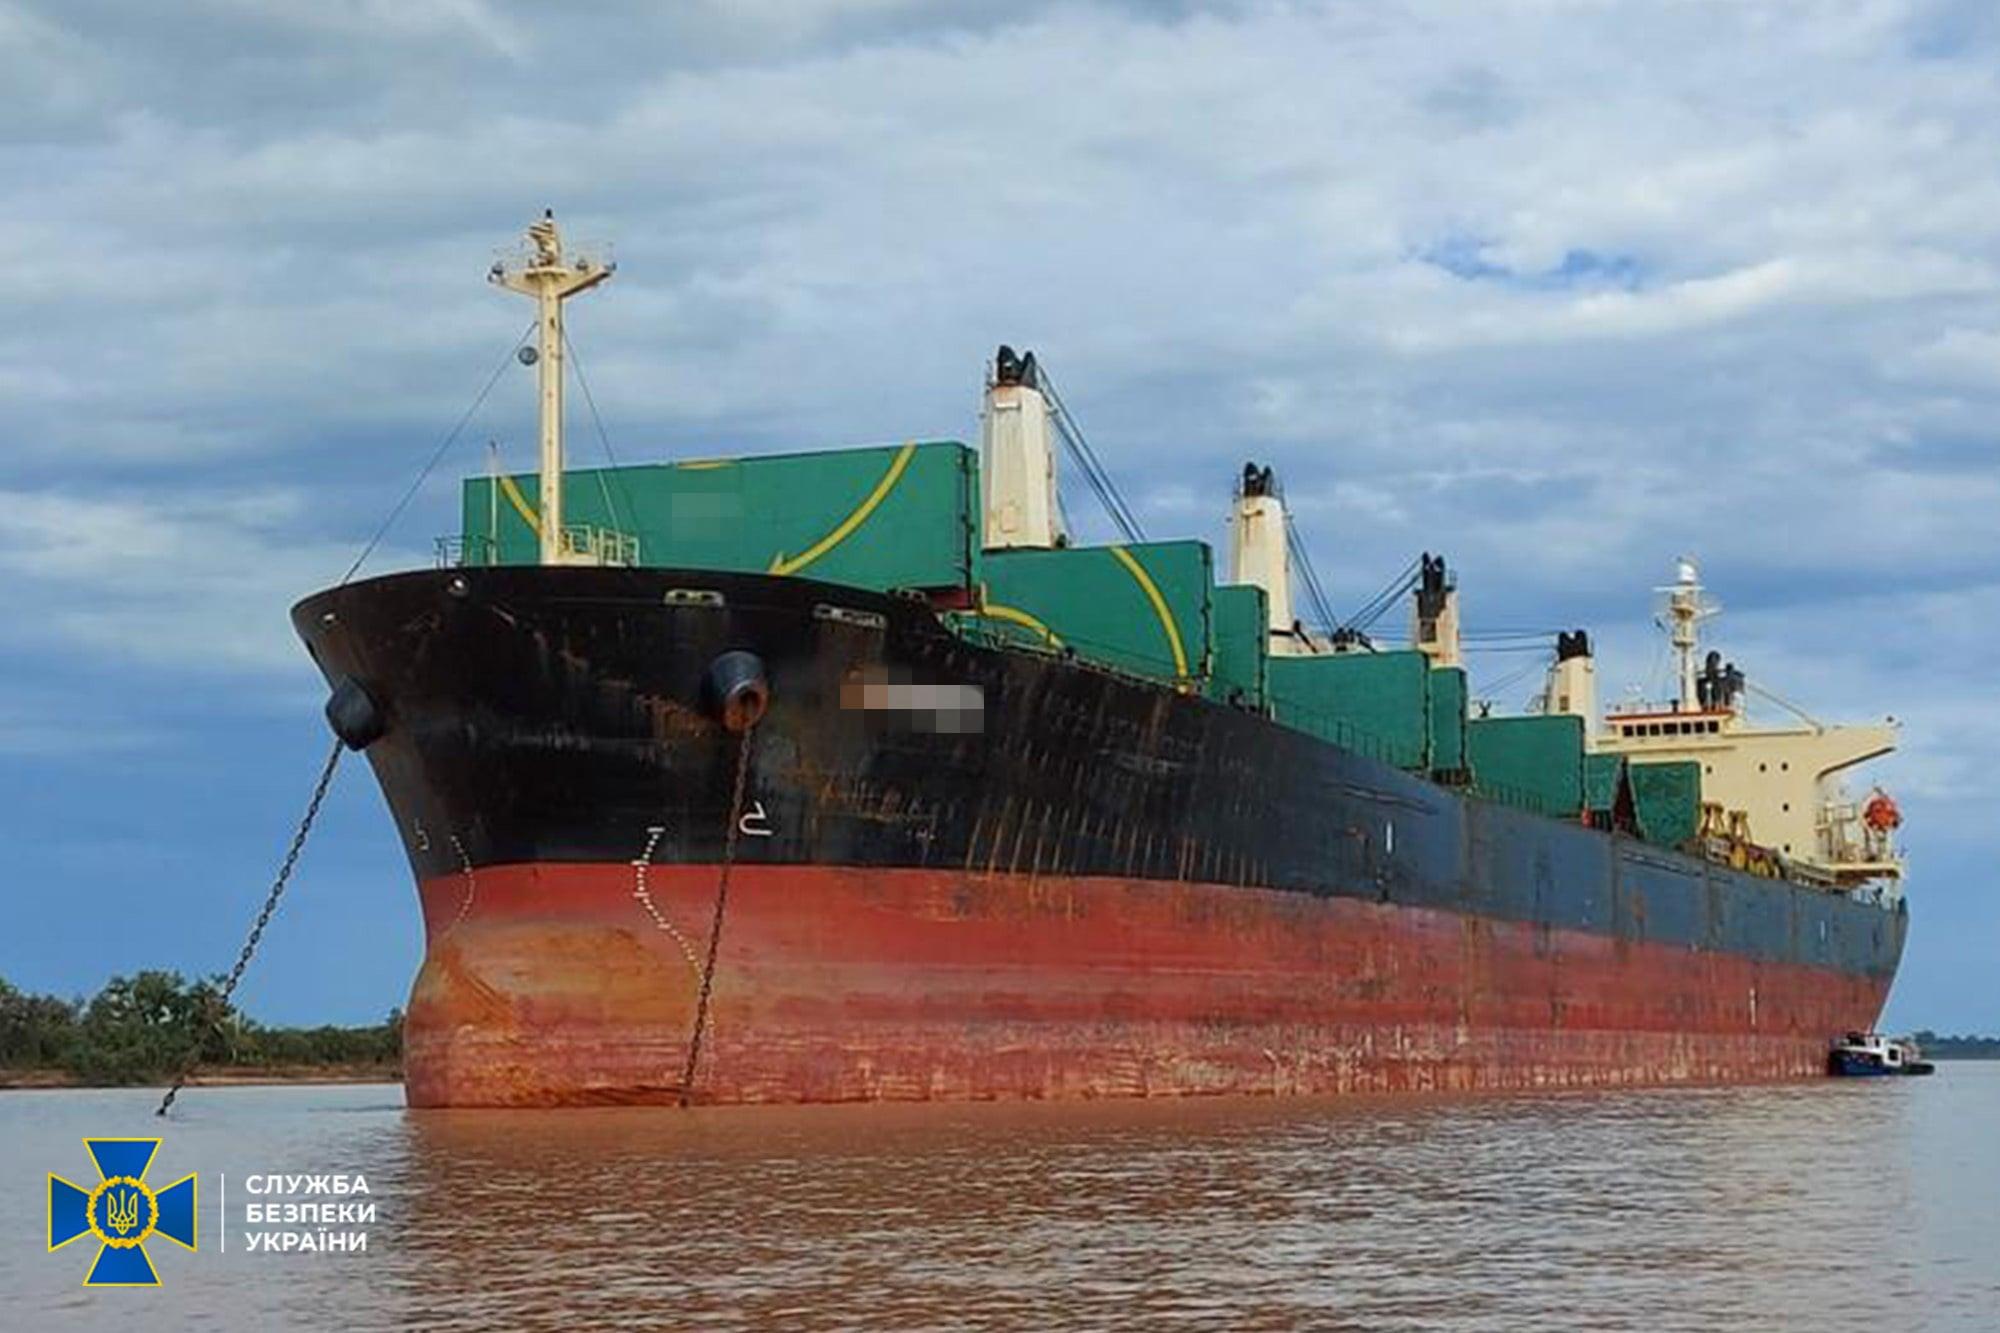 Захватил судно в Индийском океане: в Украине впервые сообщили о подозрении в пиратстве (фото)